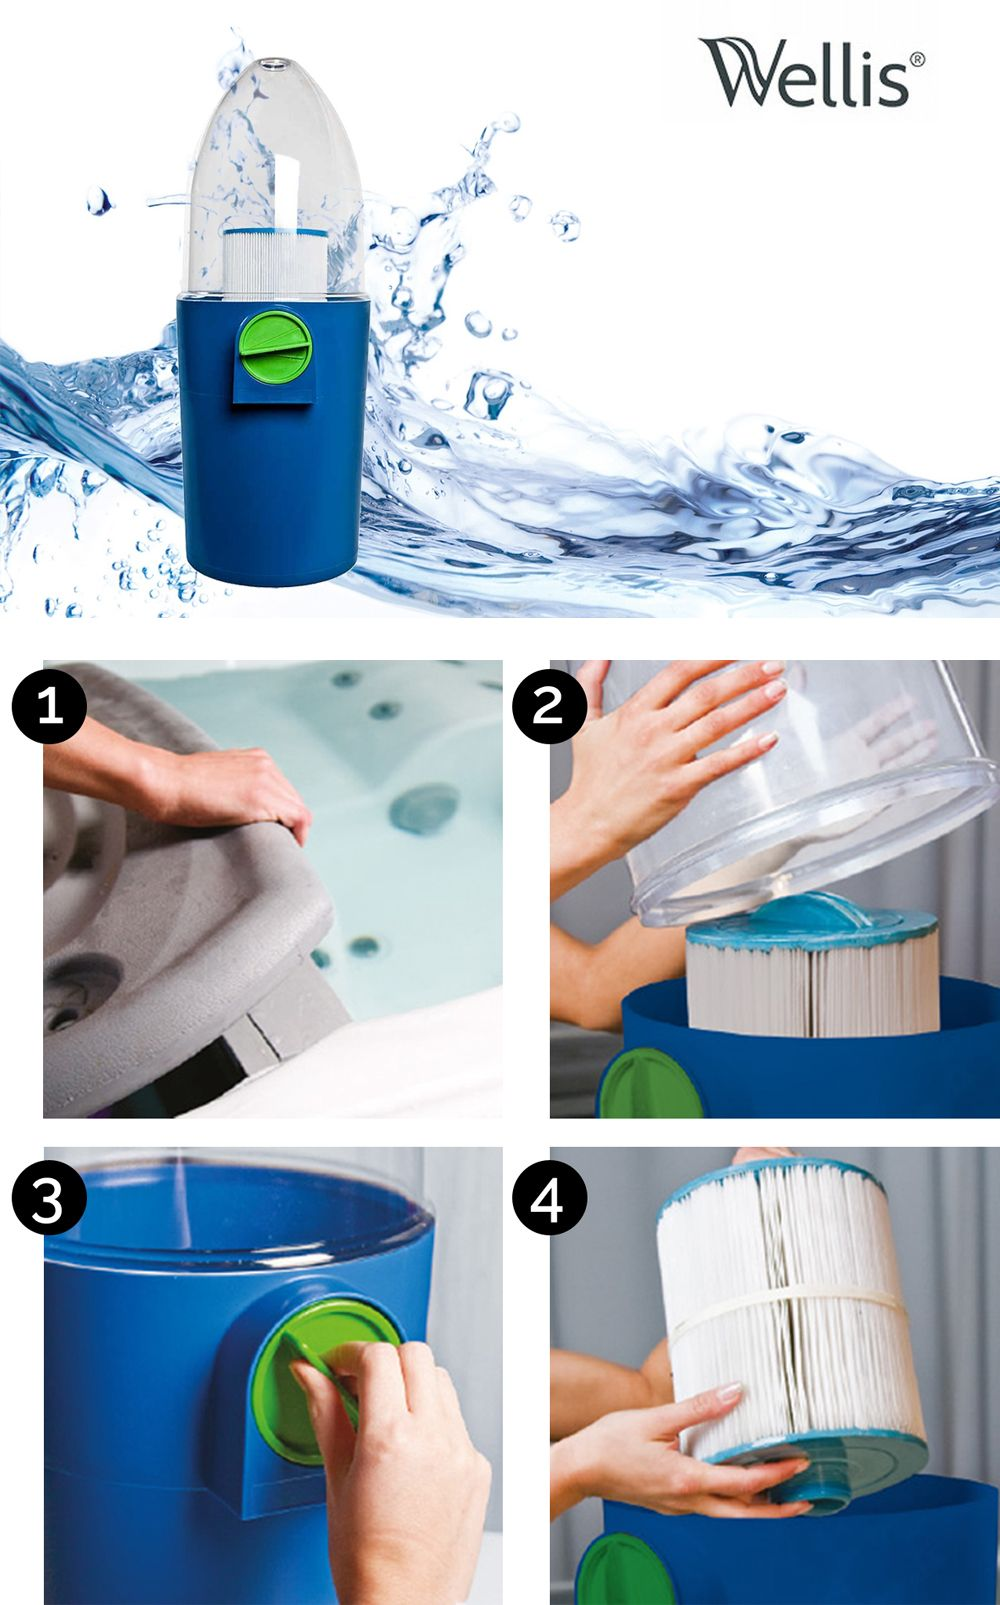 Automatyczna Myjka Filtrow Jacuzzi Basen Wellis Trash Can Trash